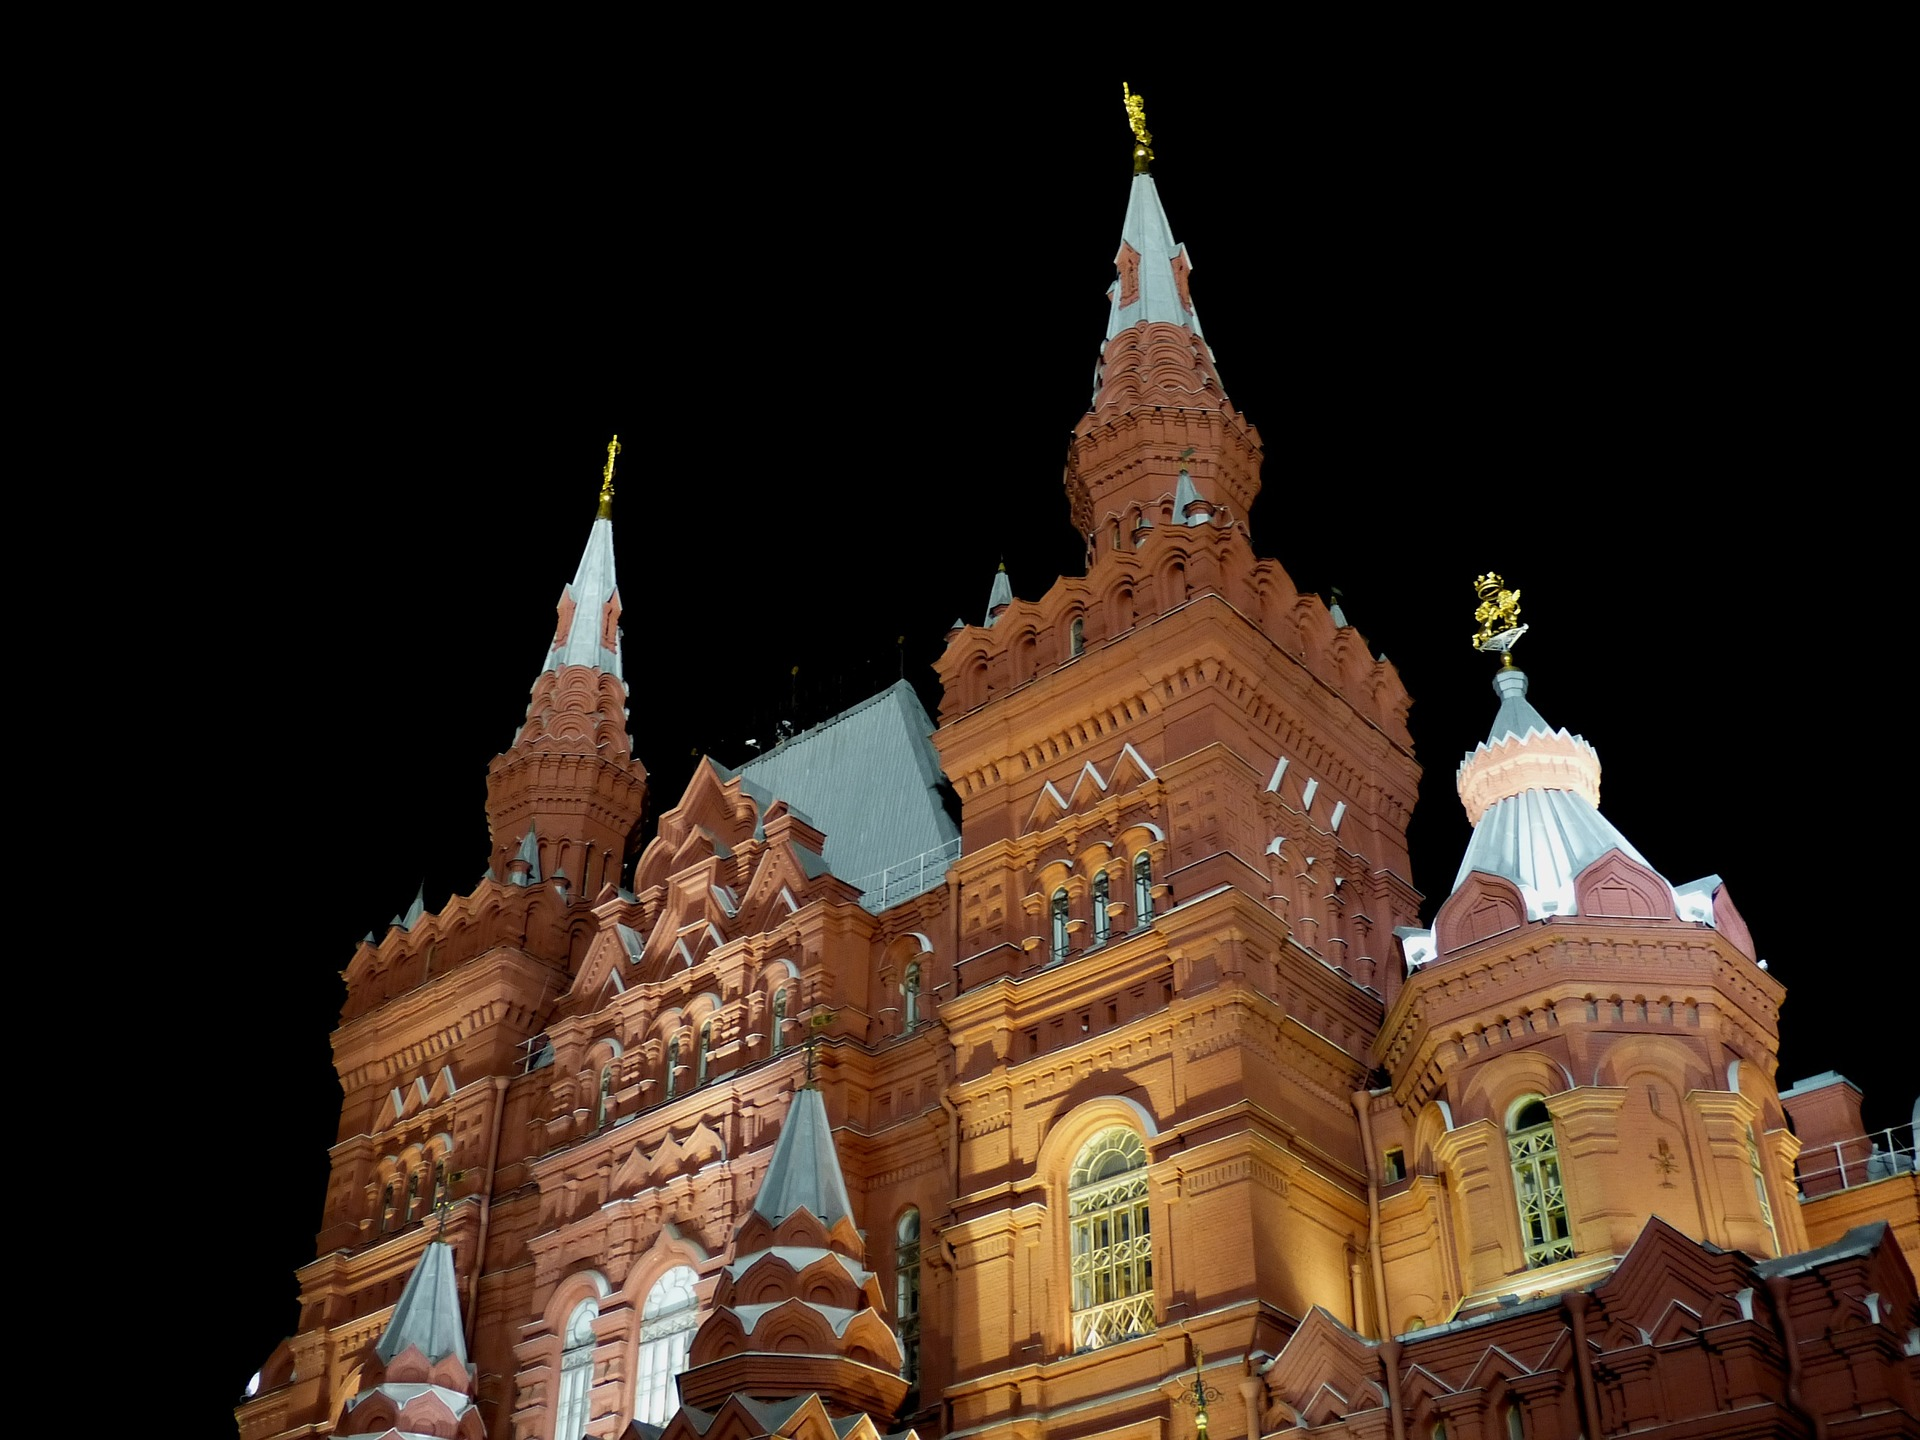 Smartfony w Rosji będą musiały mieć preinstalowane rosyjskie aplikacje. Inaczej - zakaz sprzedaży 30